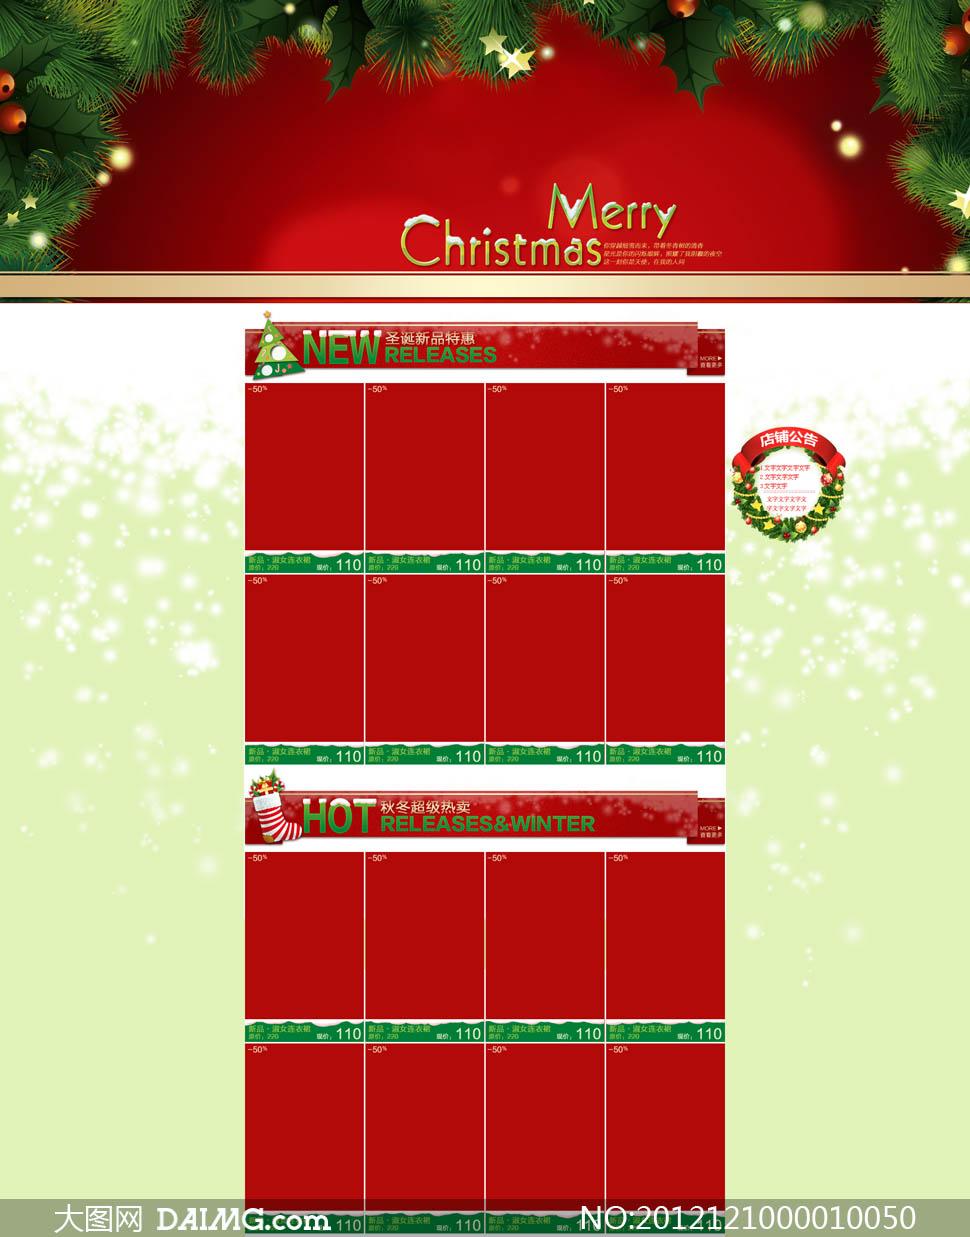 圣诞节淘宝店铺装修模板psd素材 - 大图网设计素材下载